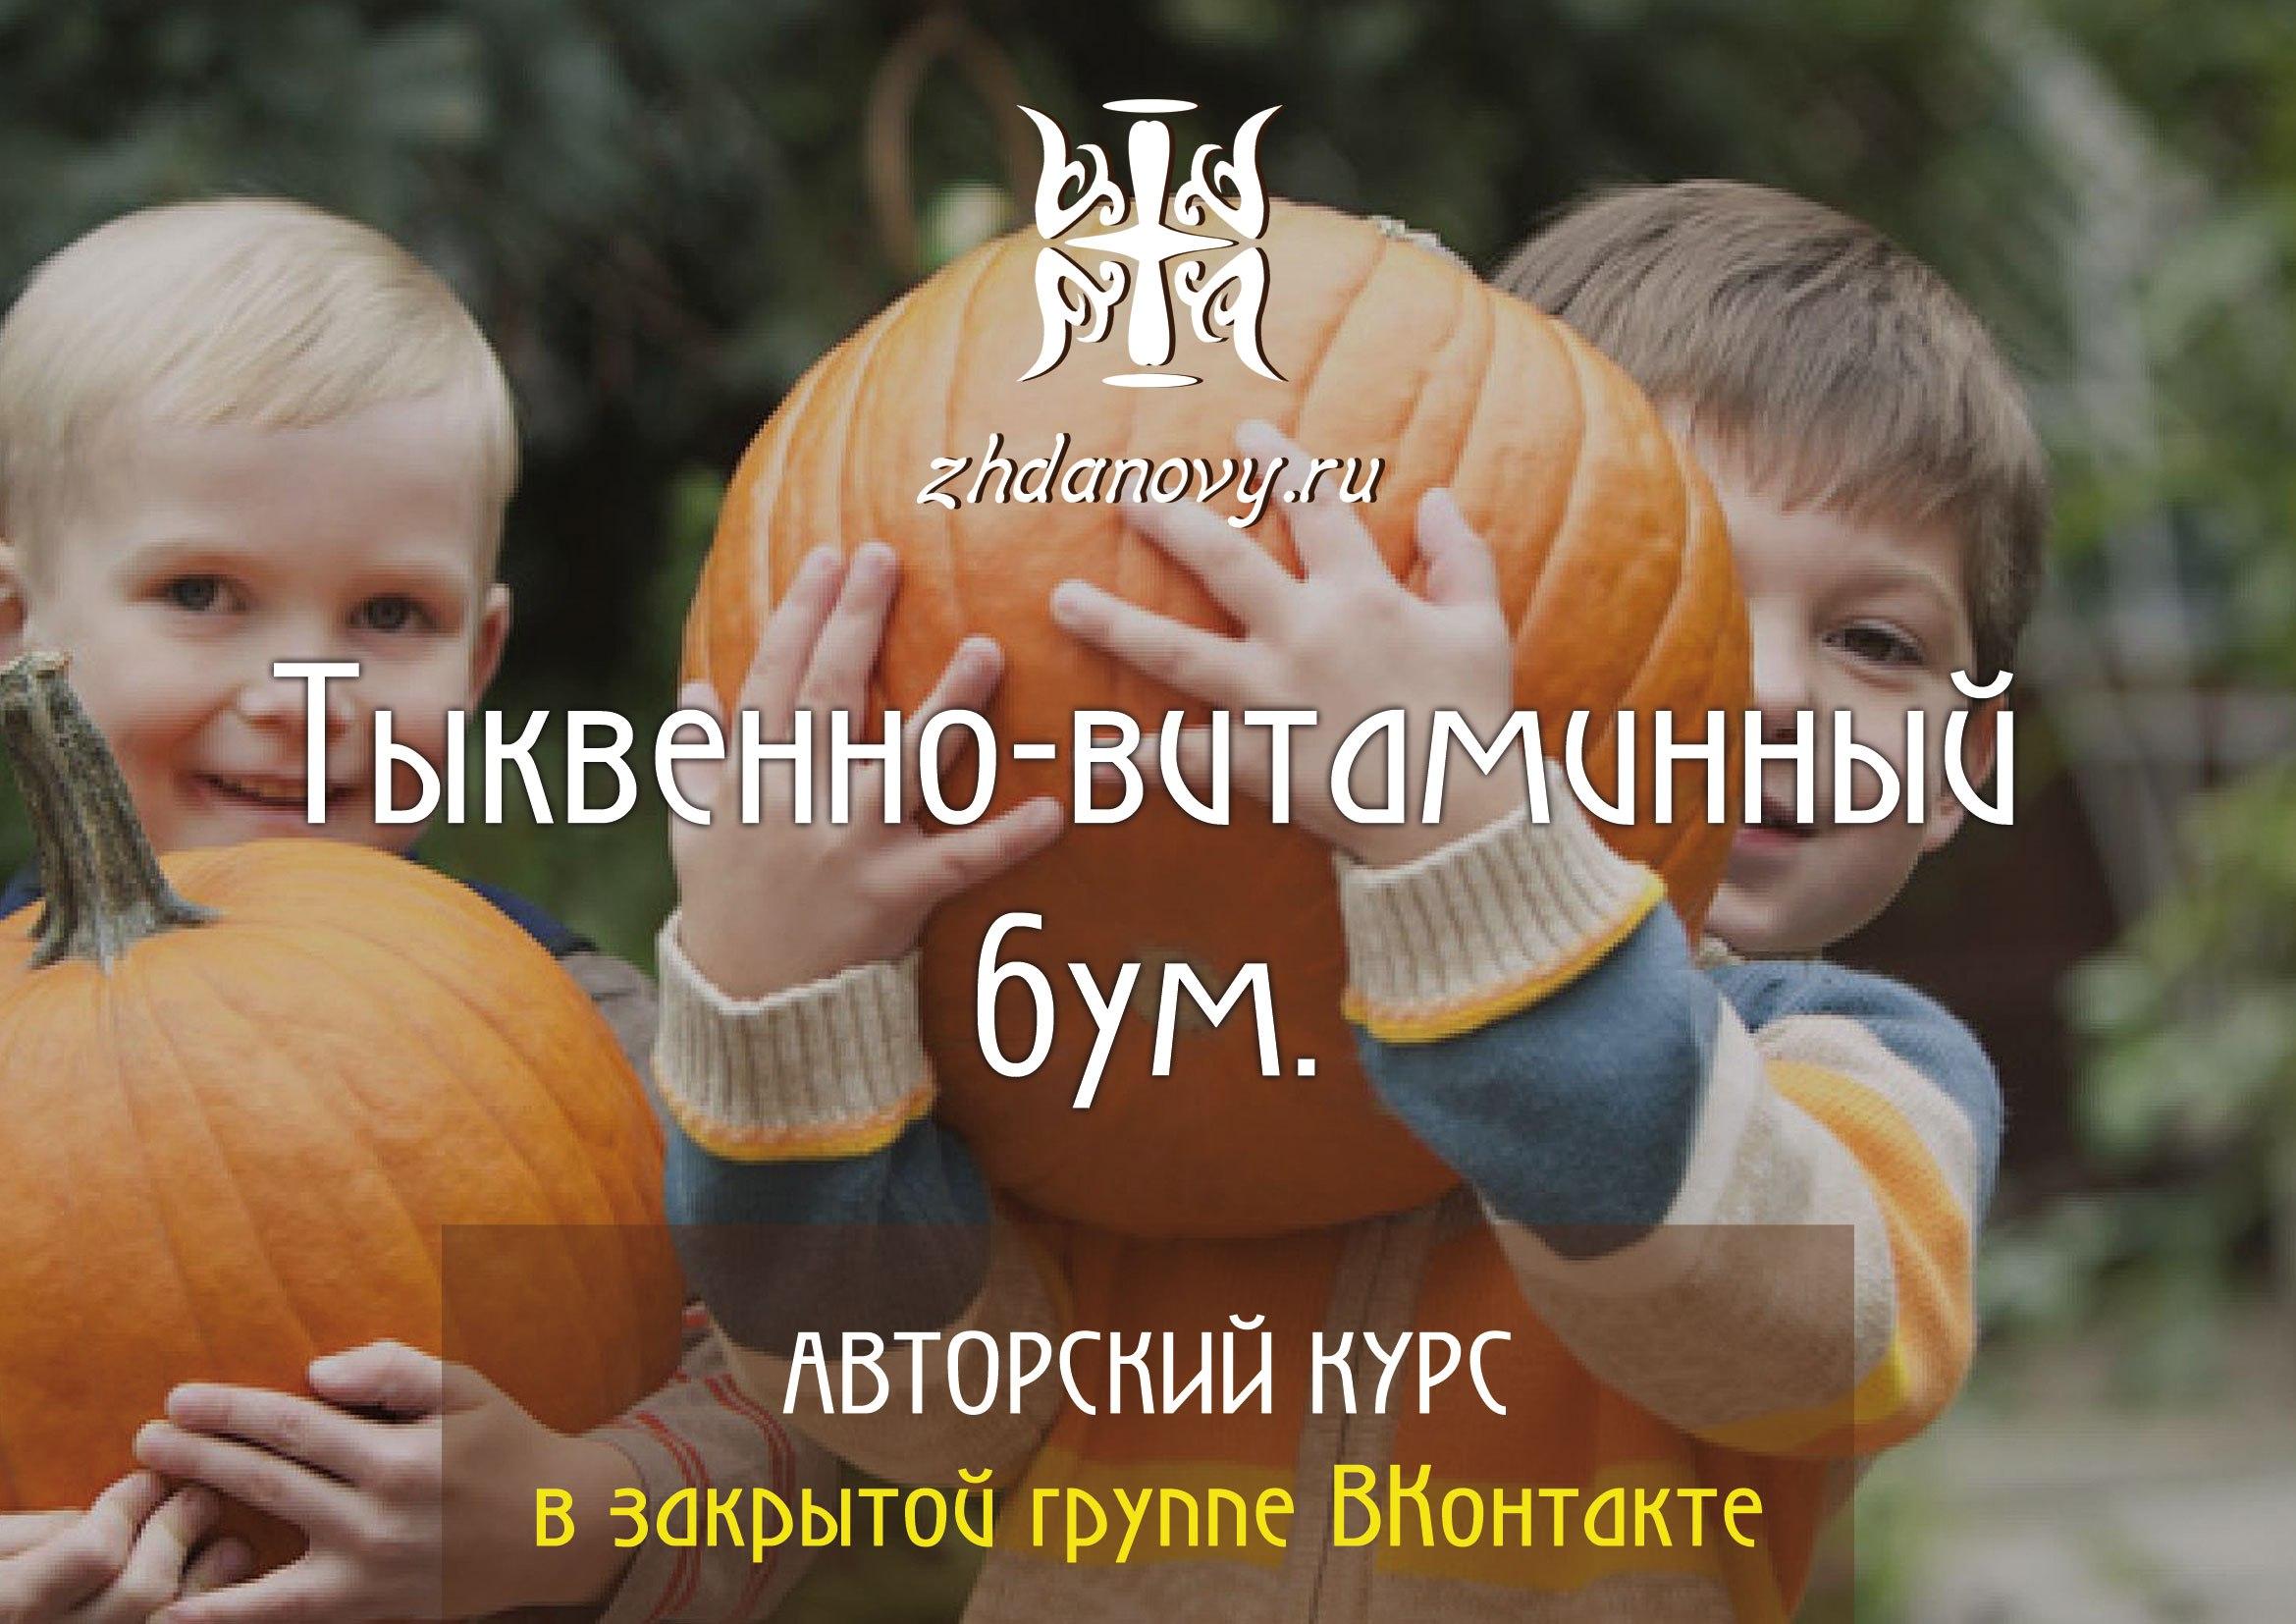 Тыквенно-витаминный бум с Татьяной Ждановой.